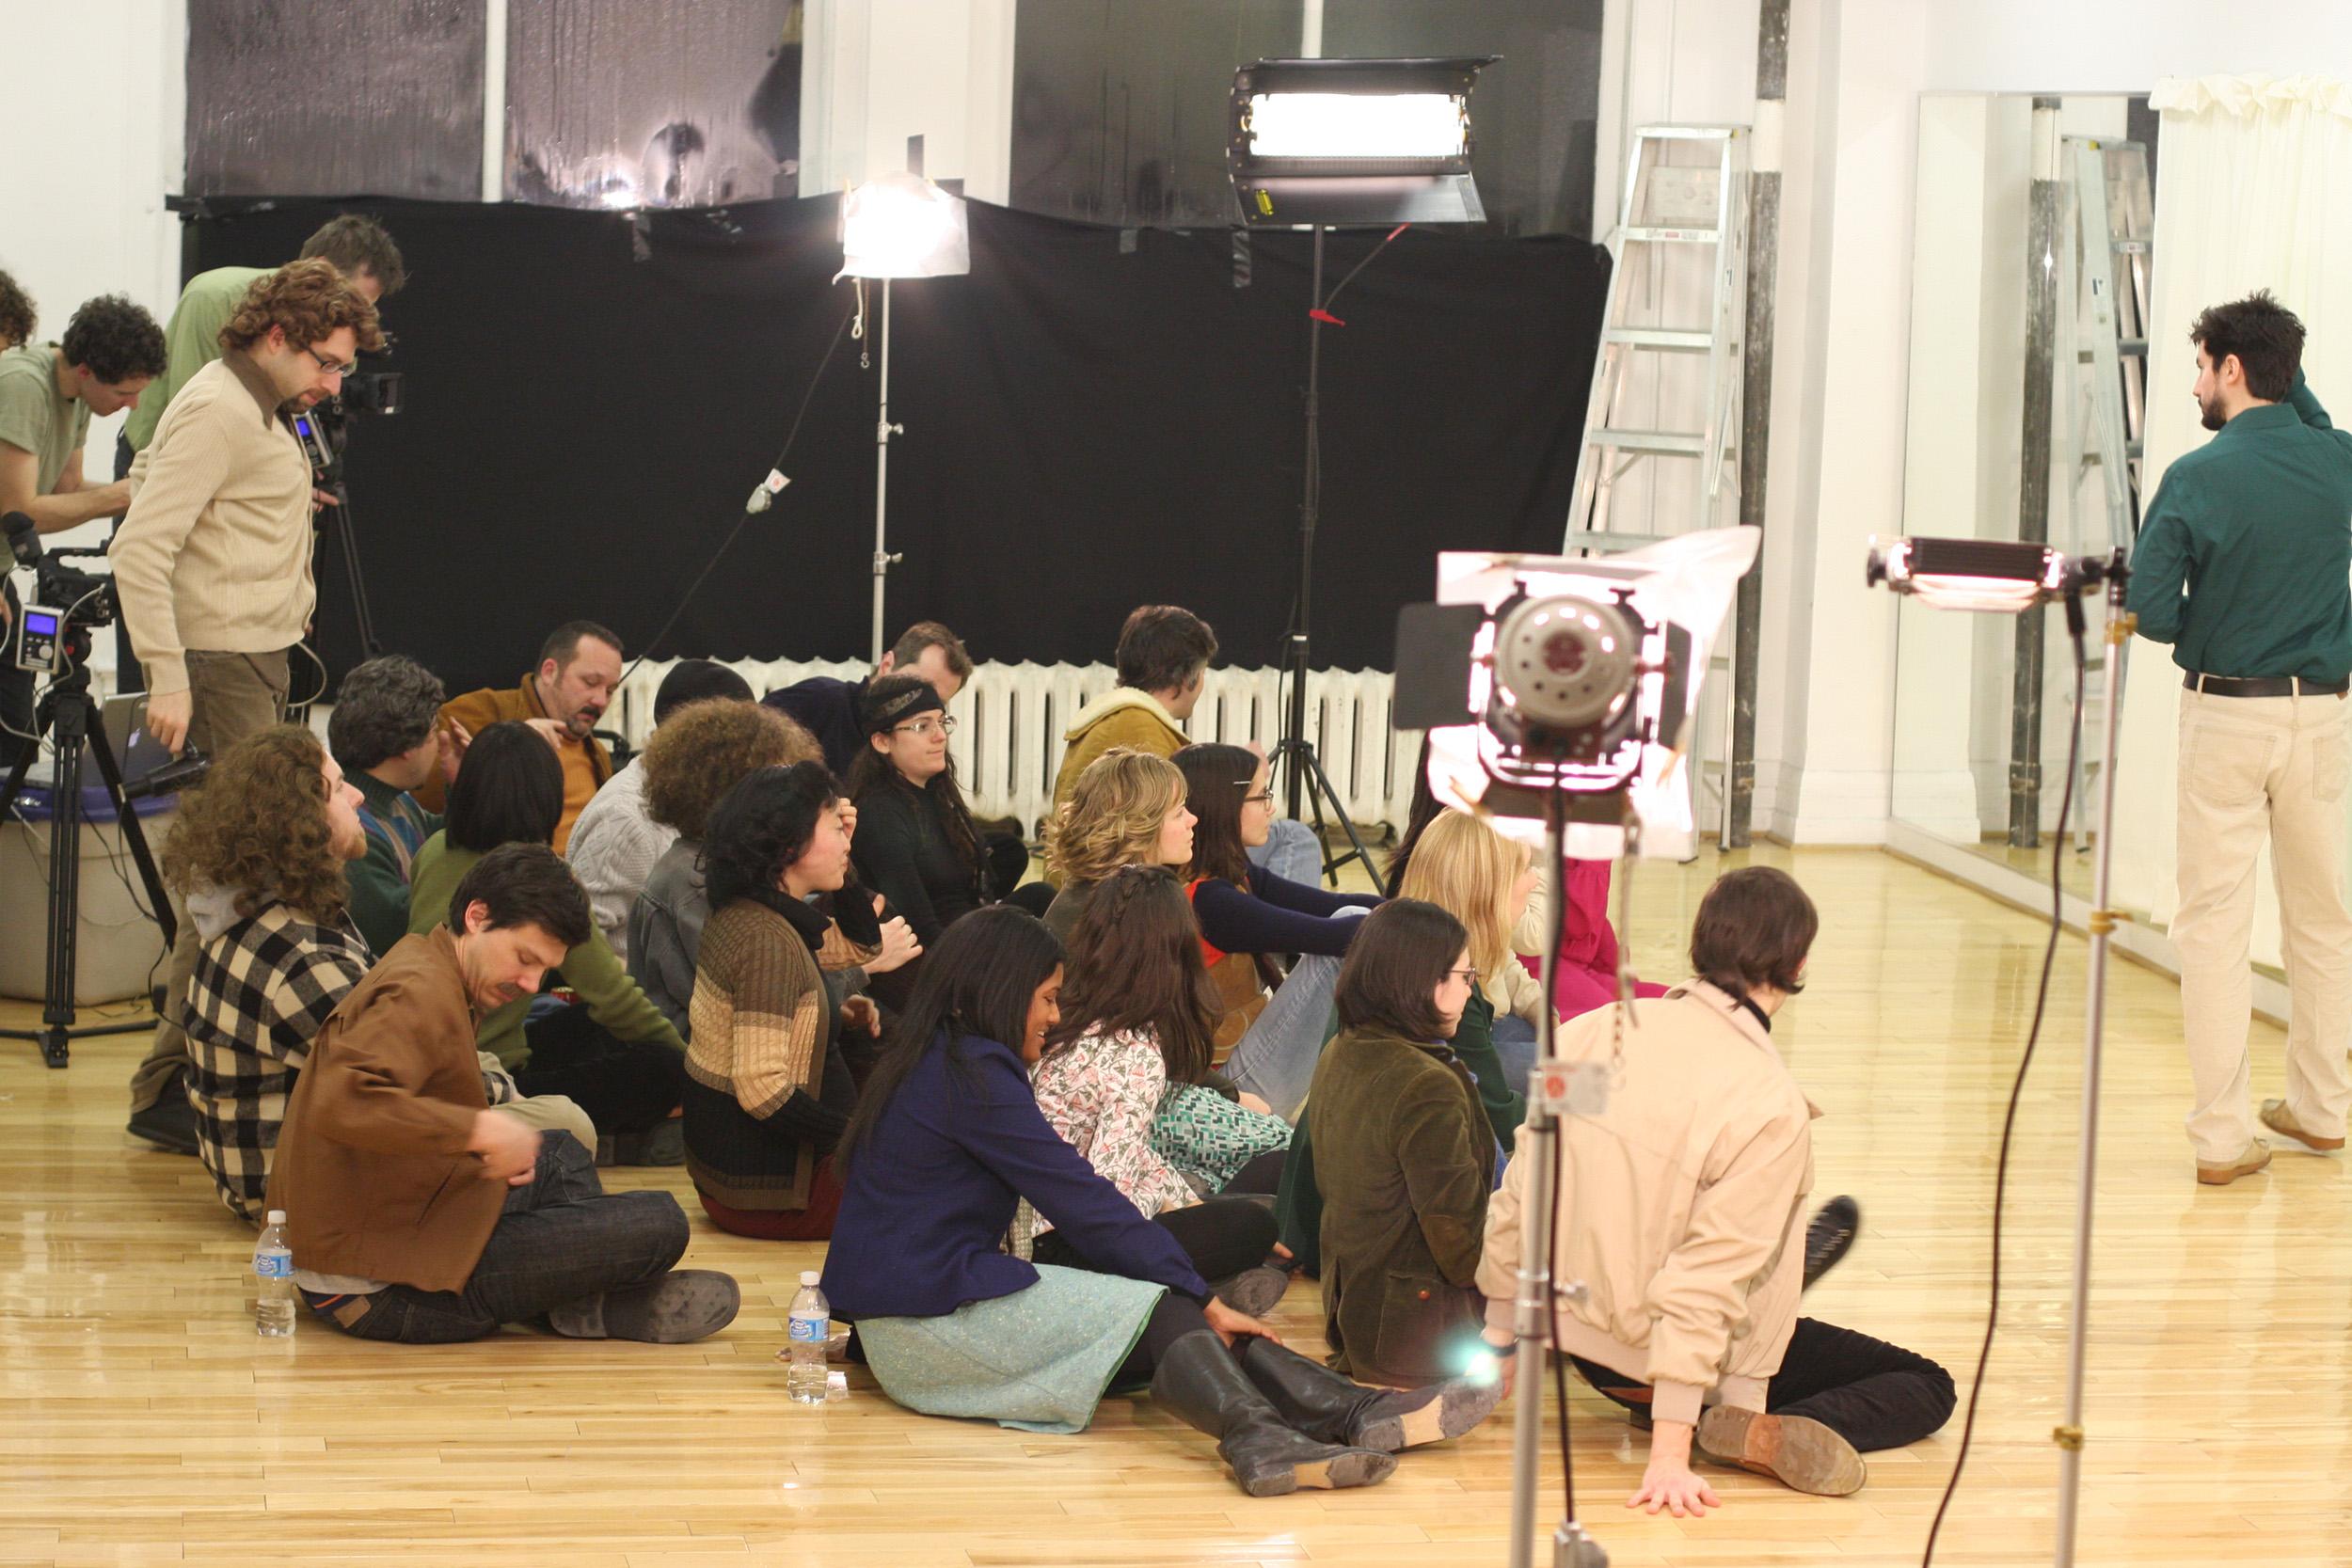 2008_Performer_Audience_Remake_08.jpg